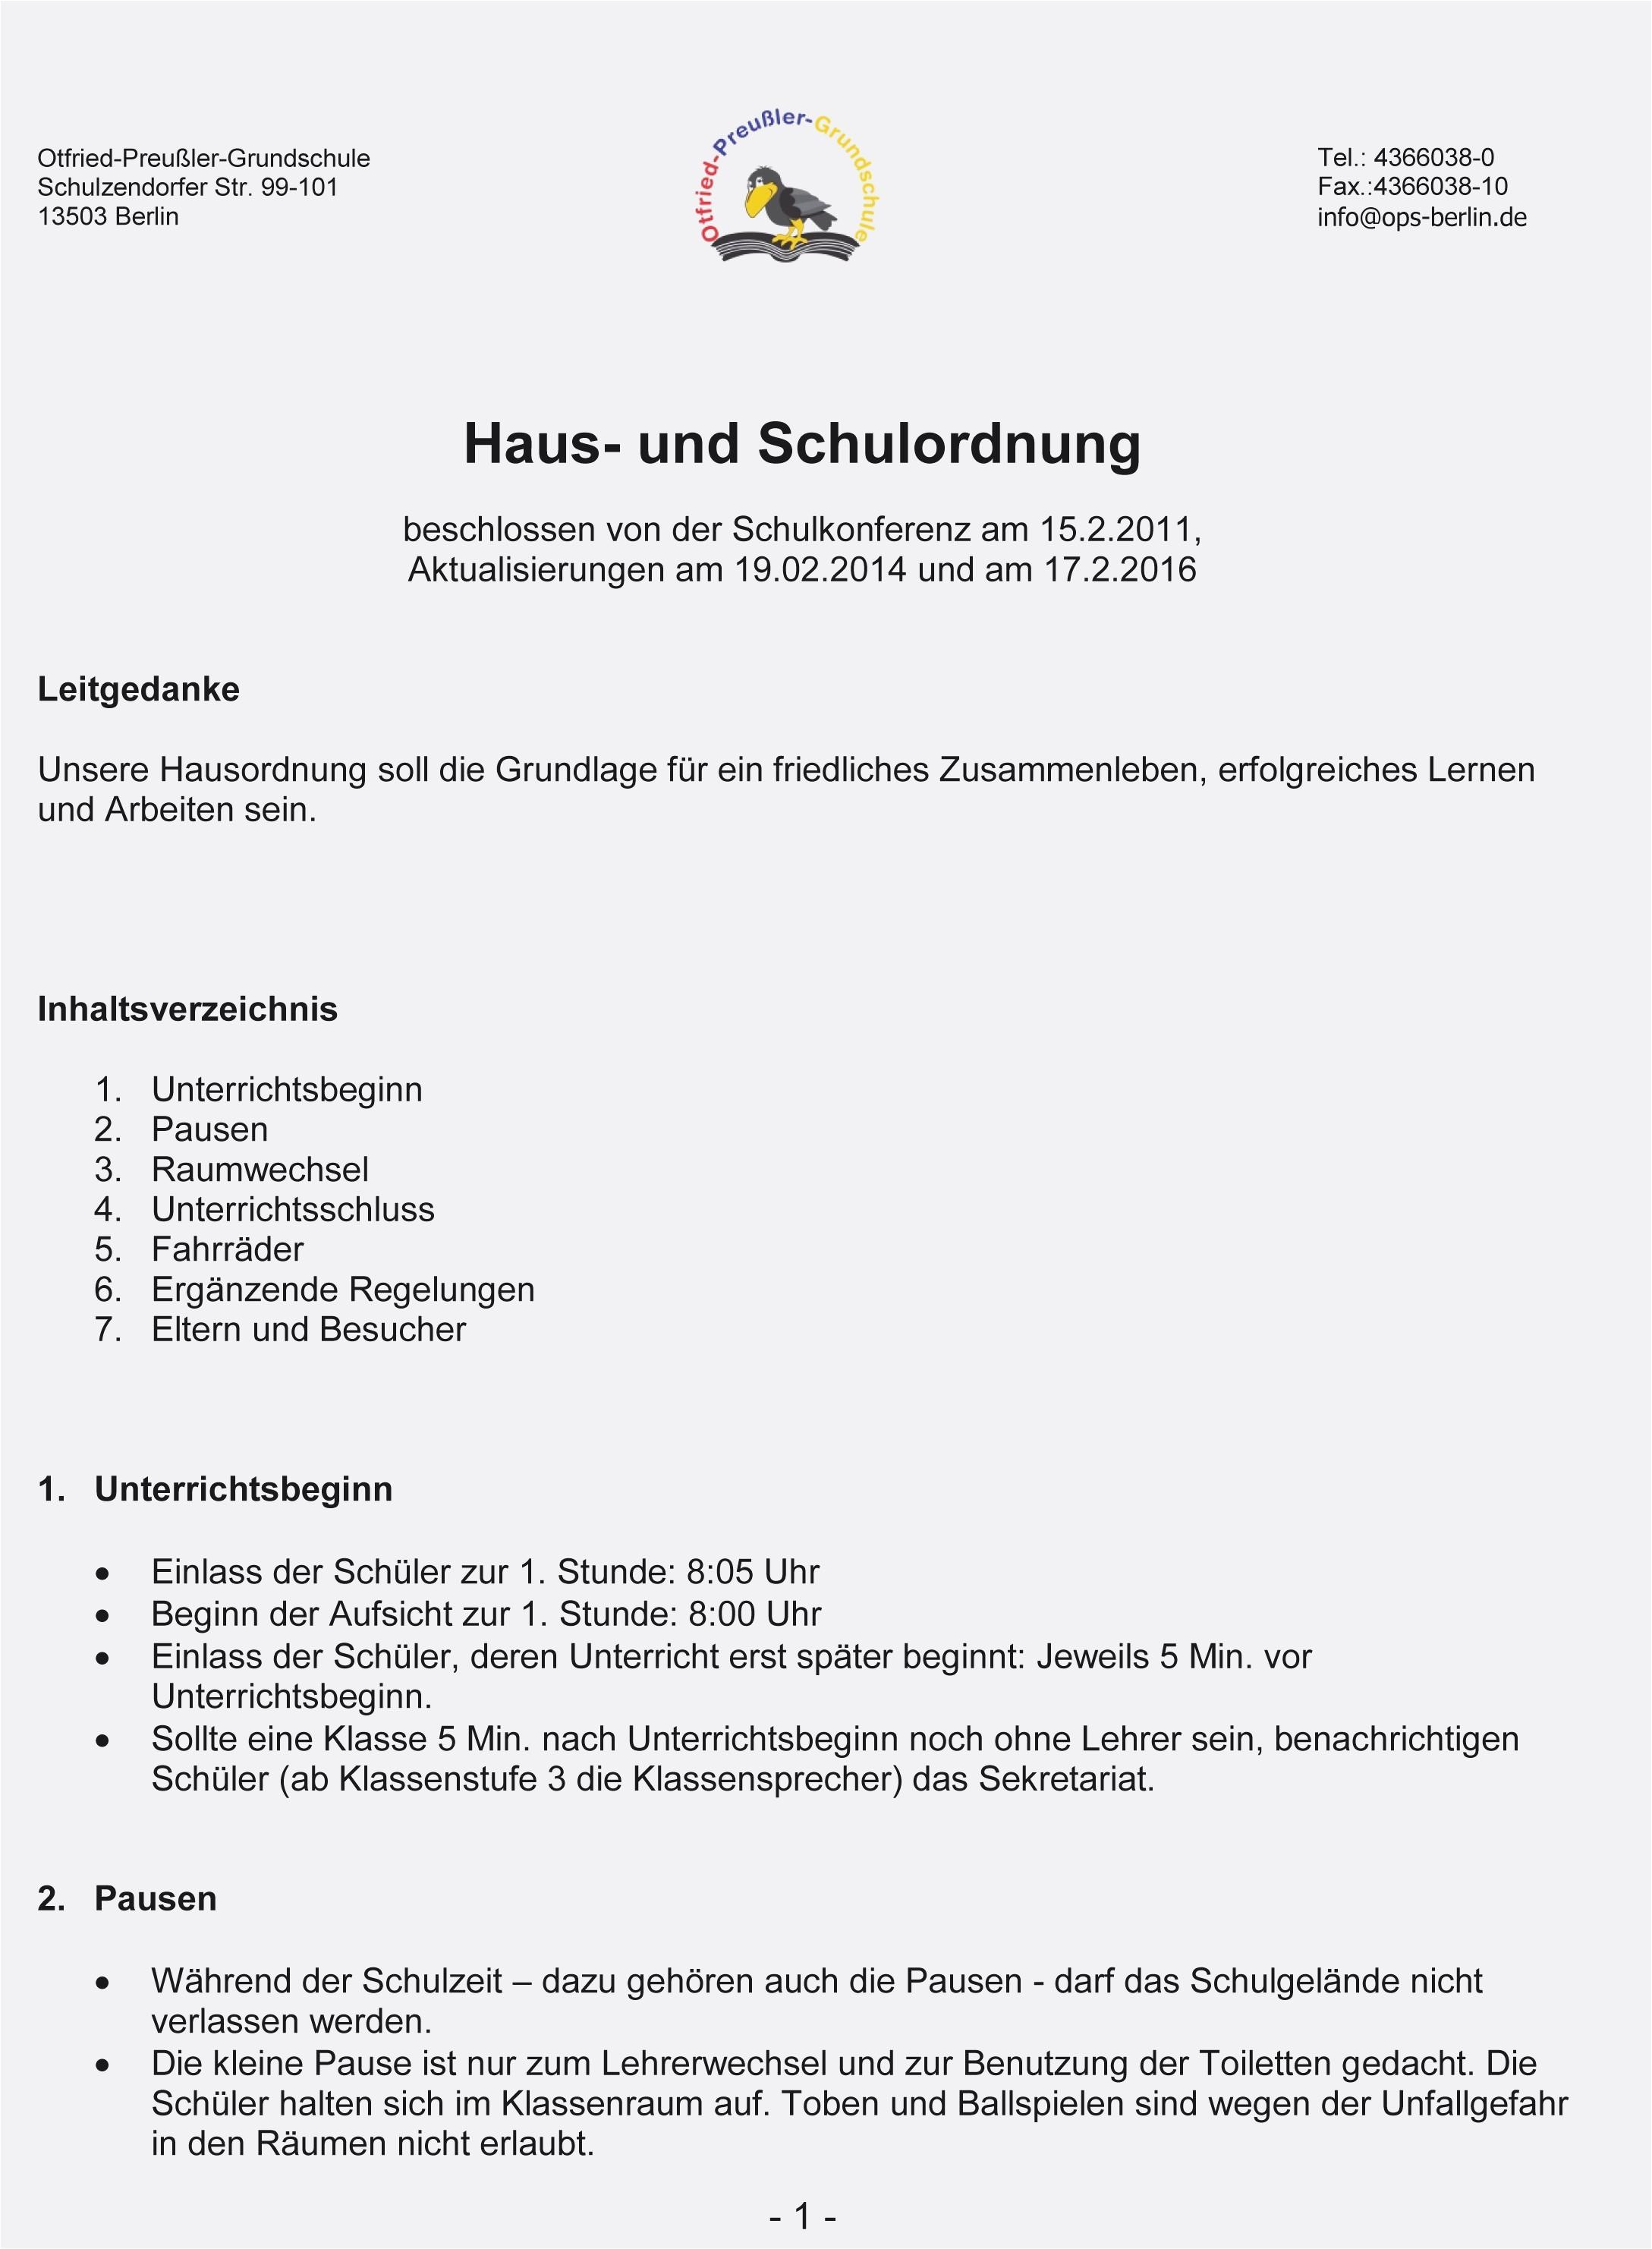 Bundesliga 2 Calendario 2019 Actual 9 Variable Gewinn Und Verlustrechnung Of Bundesliga 2 Calendario 2019 Más Actual Moto Gp Jadwal Ga Works